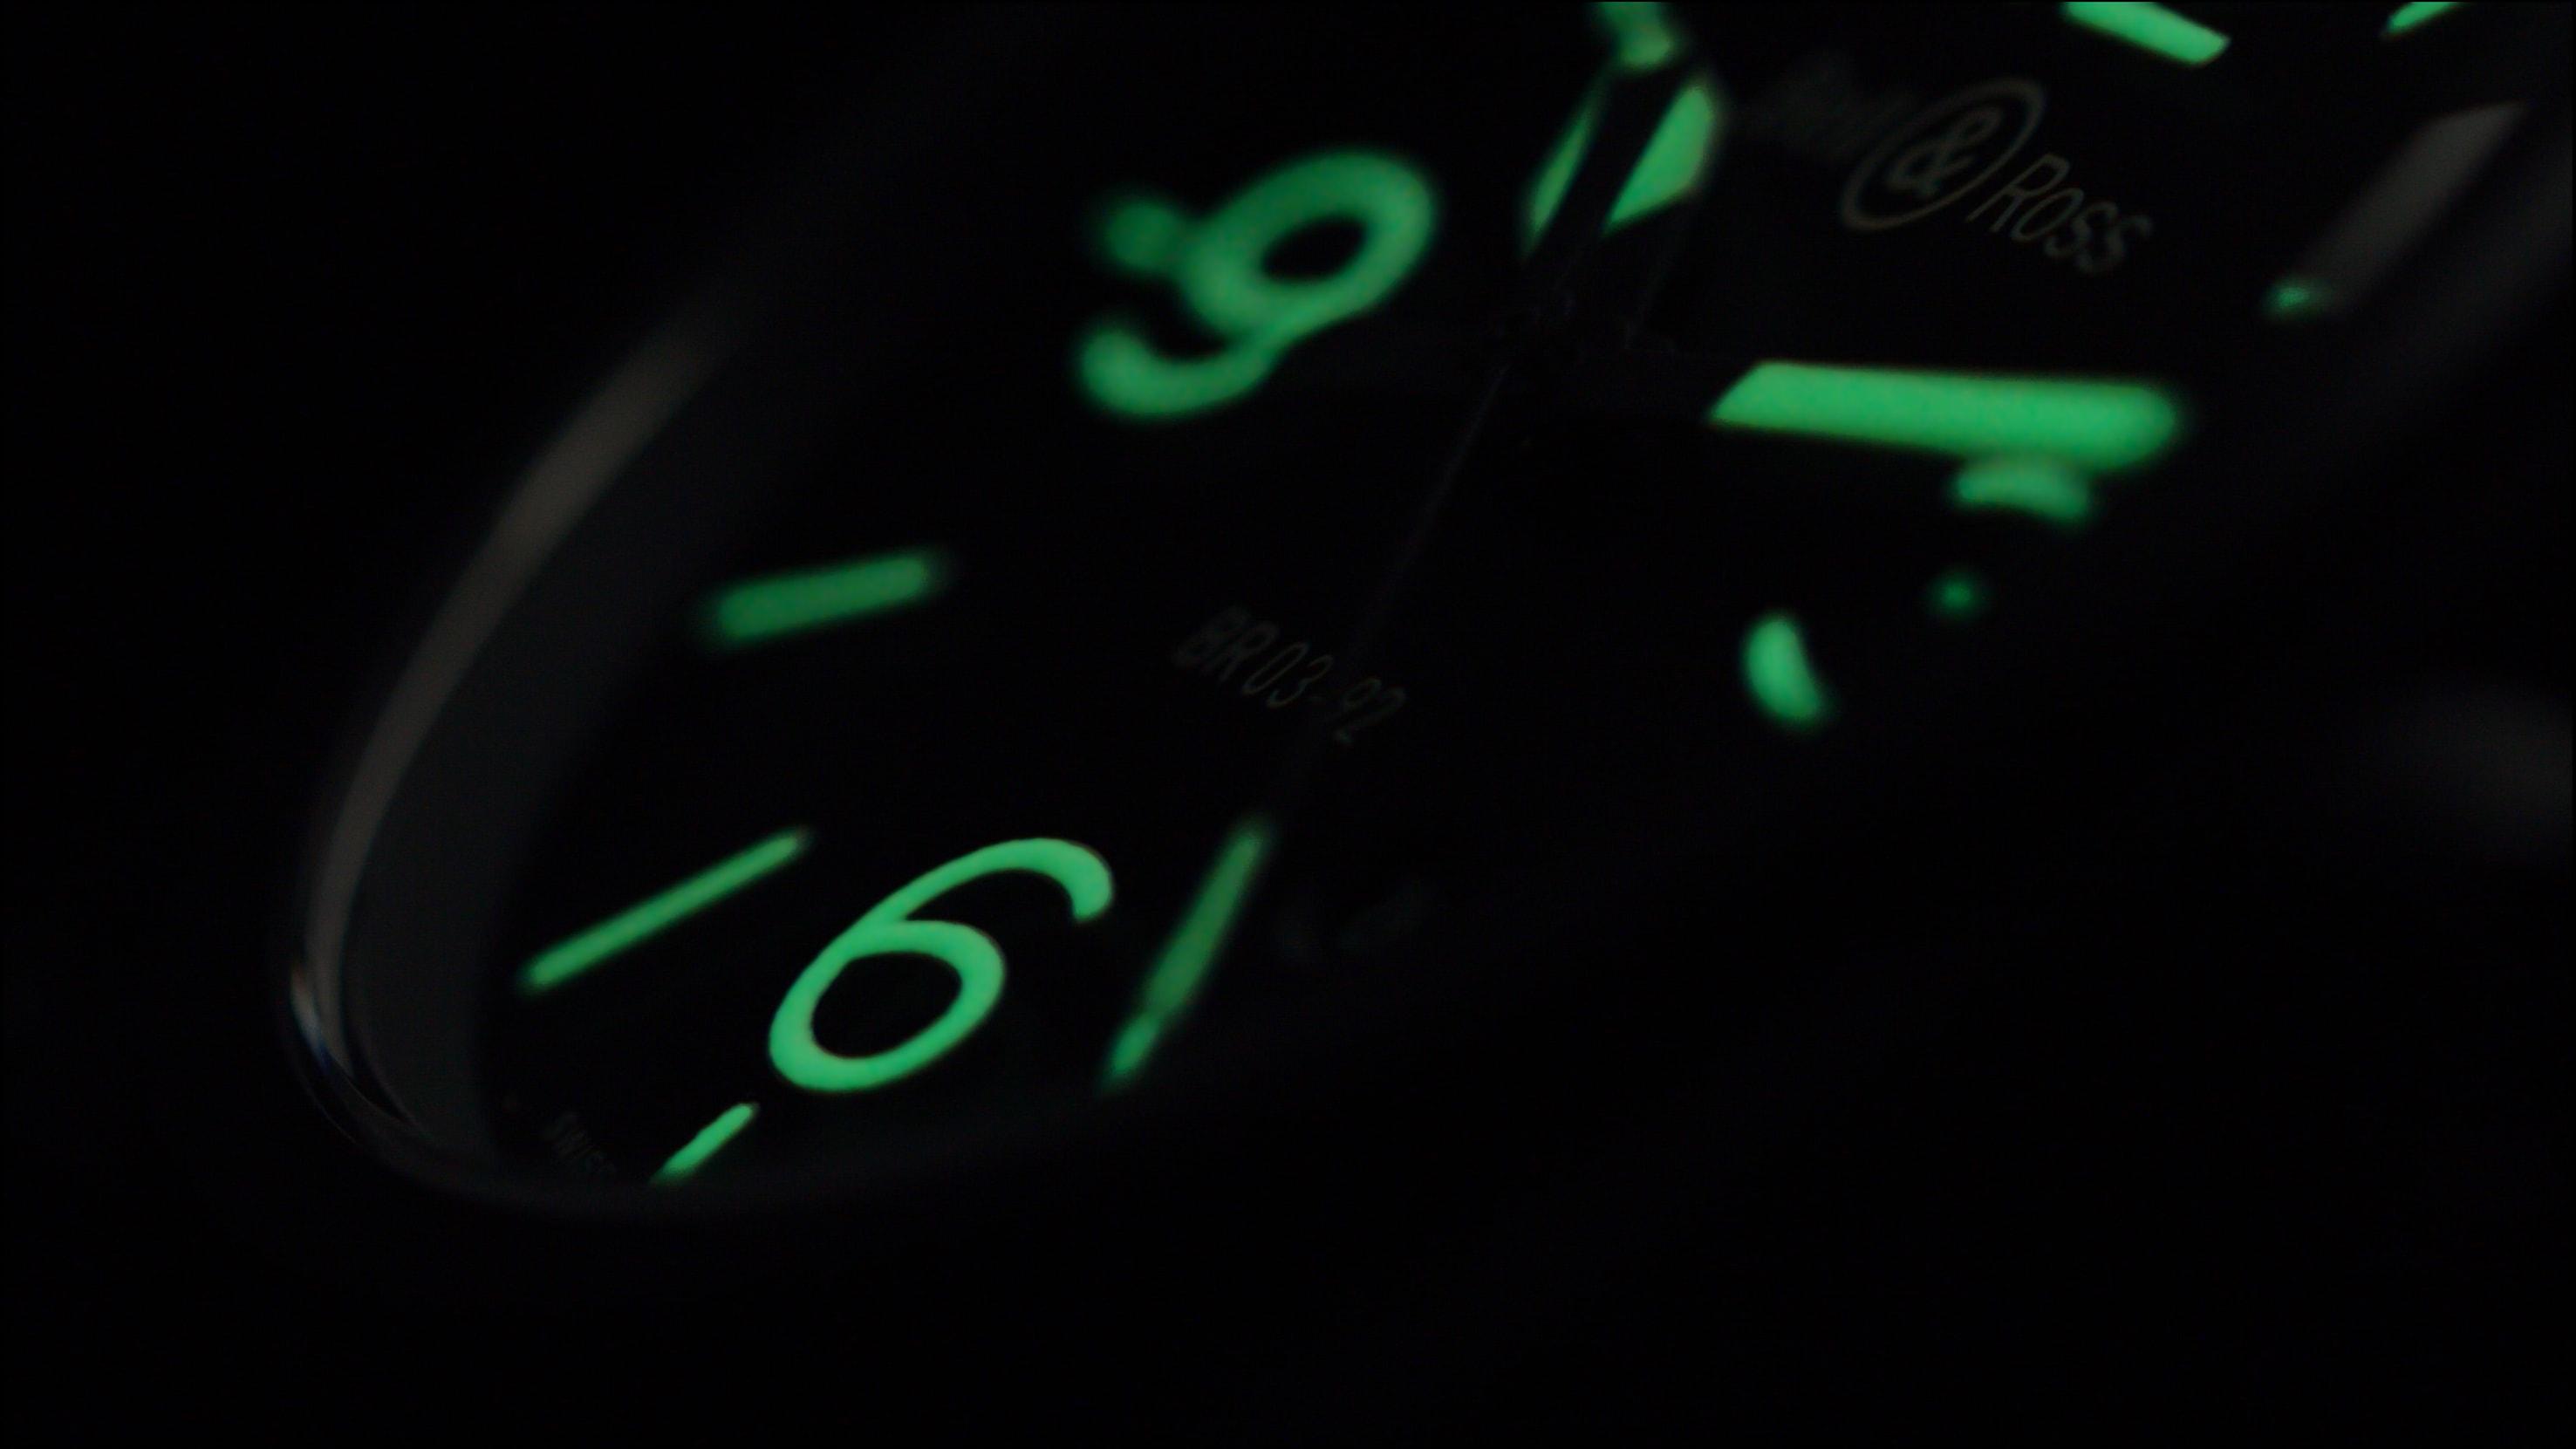 Het gebruikte groene Superluminova® C3 is ultra-lichtgevend en heeft een lange gloeitijd